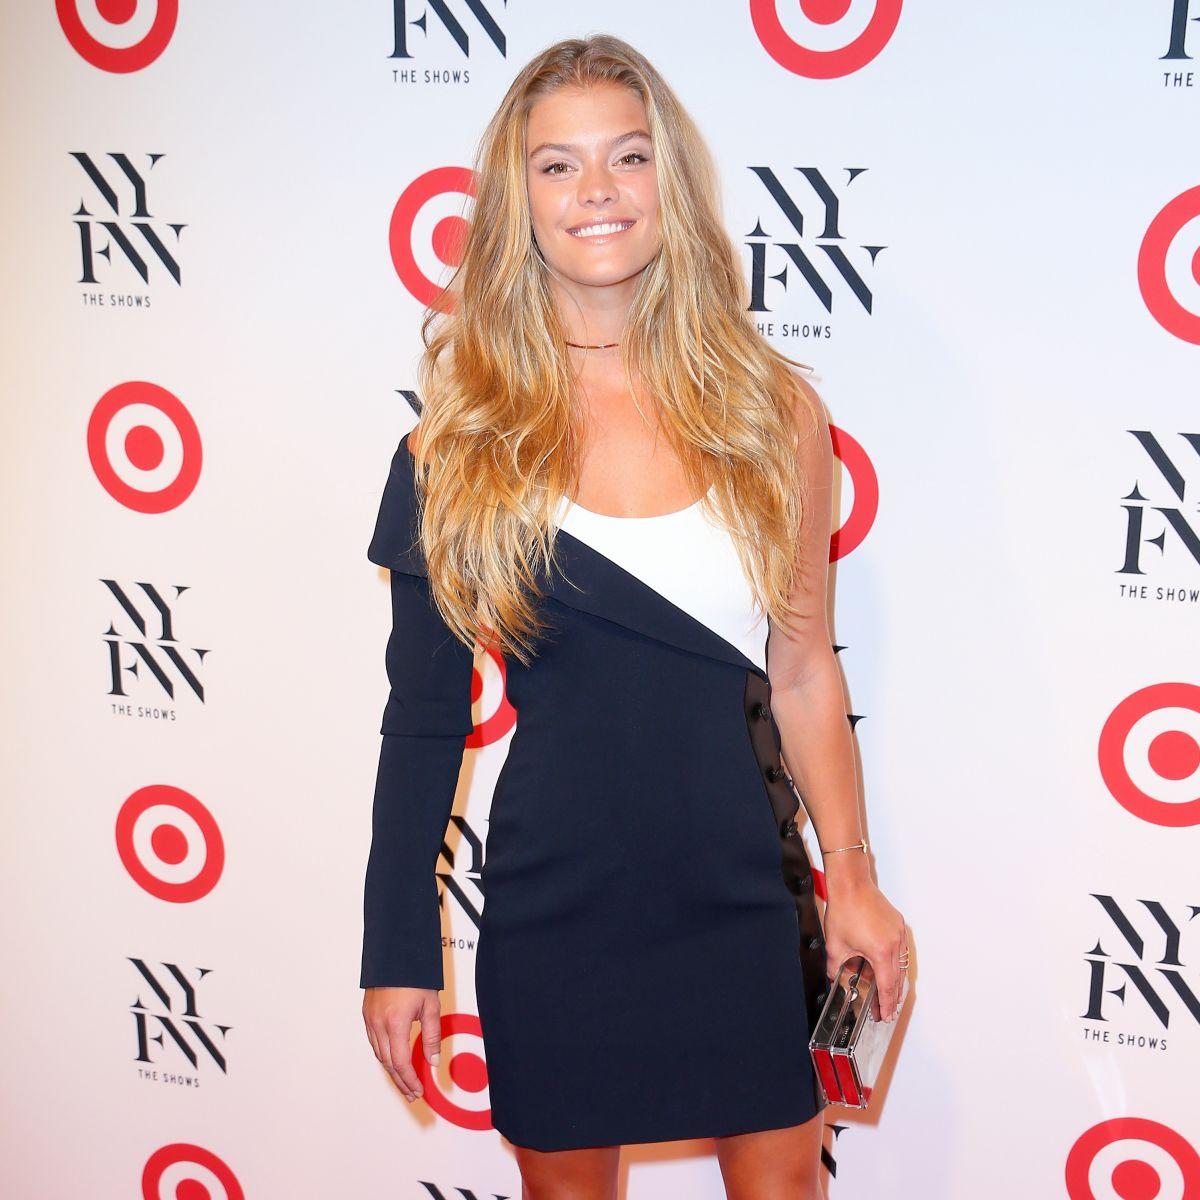 HQ Photos of Nina Agdal At Target Img NYFW Kickoff Party In New York